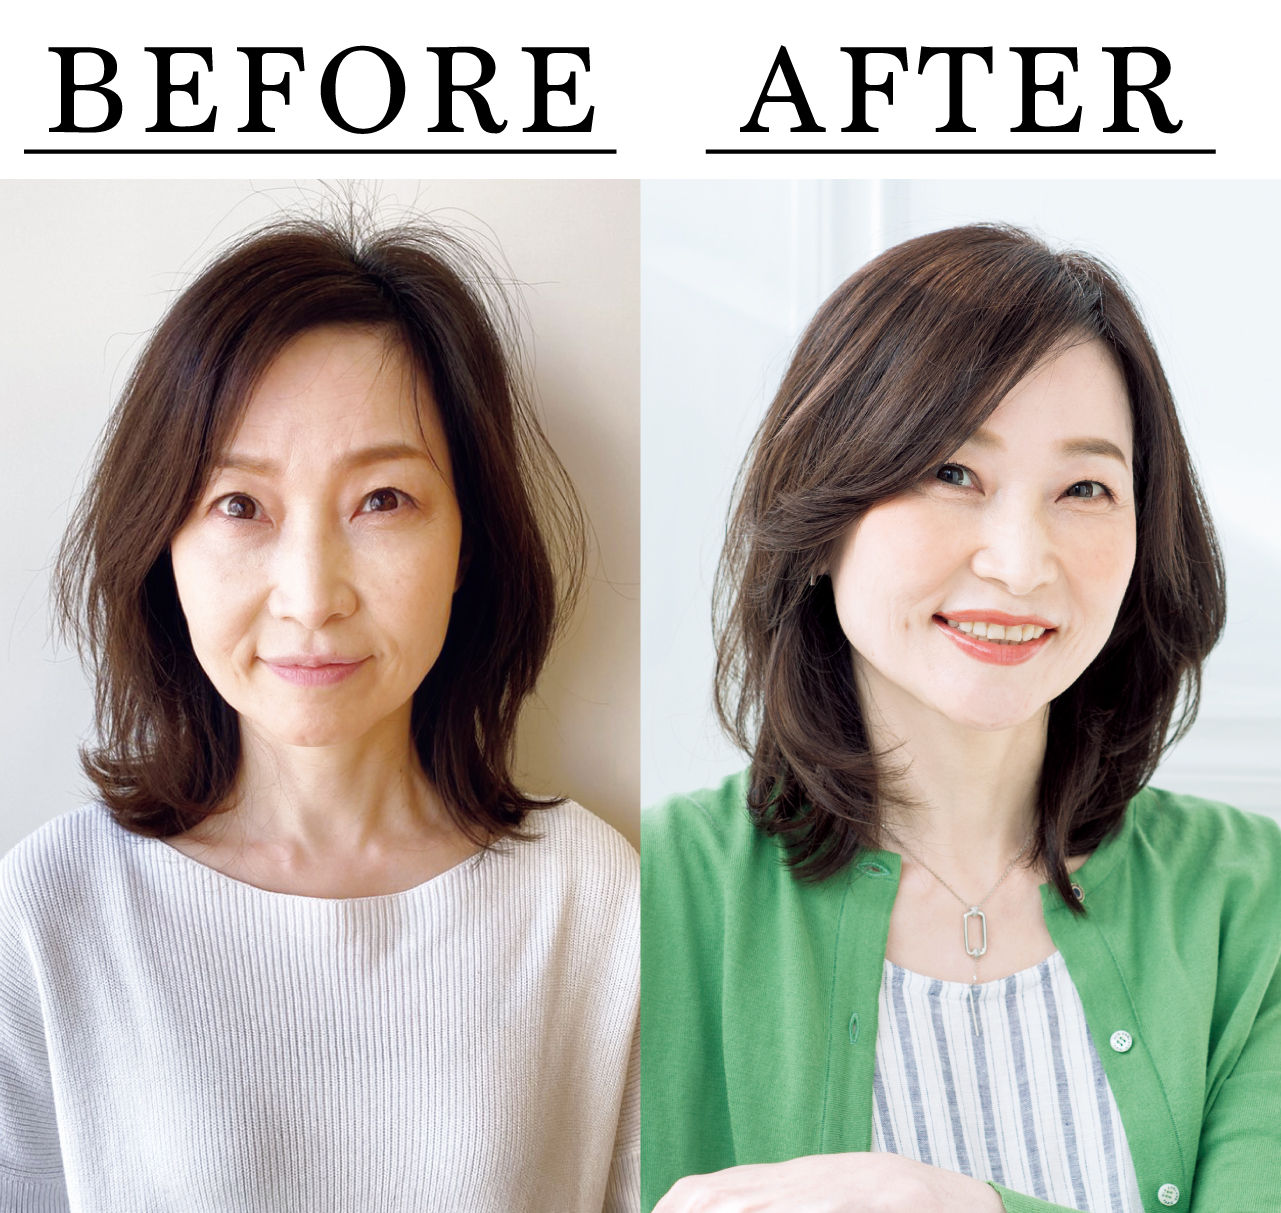 佐野裕子さん Before After